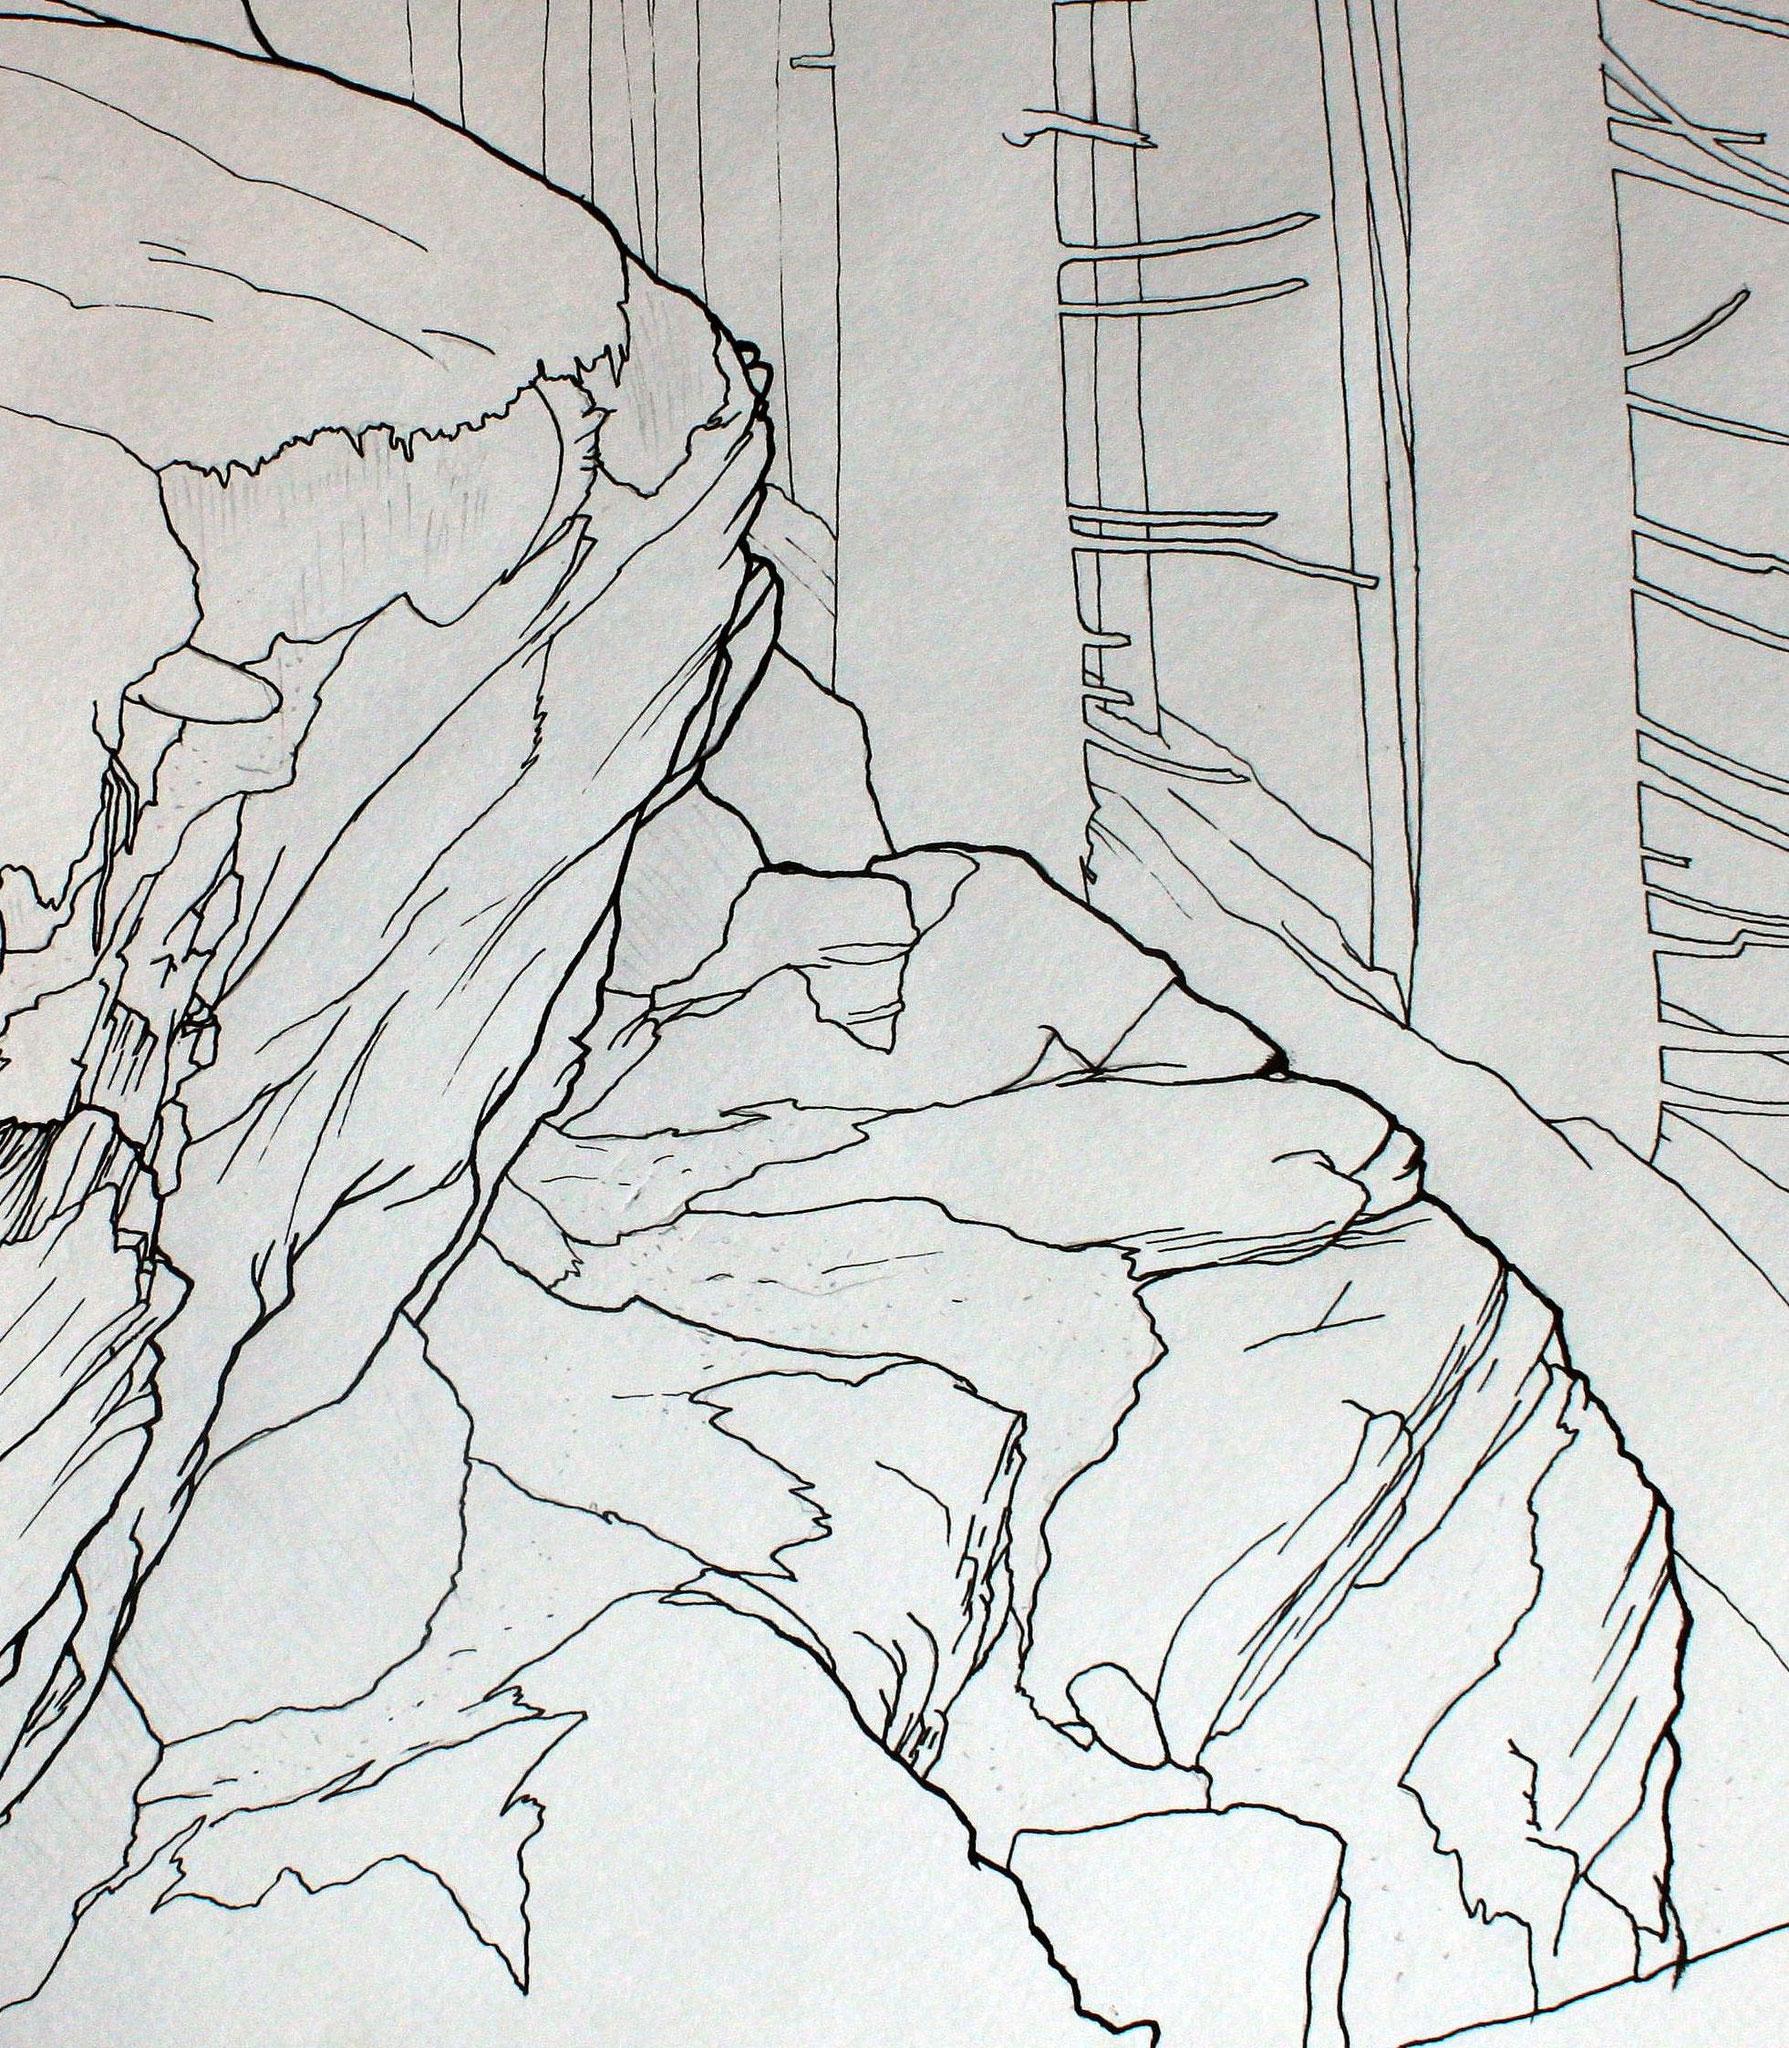 Höllkögerl, Typuslokalität des Minerals Pretulit, 1996, Stahlfederzeichnung, Tusche auf Papier, 28 x 42 cm © Josef Taucher